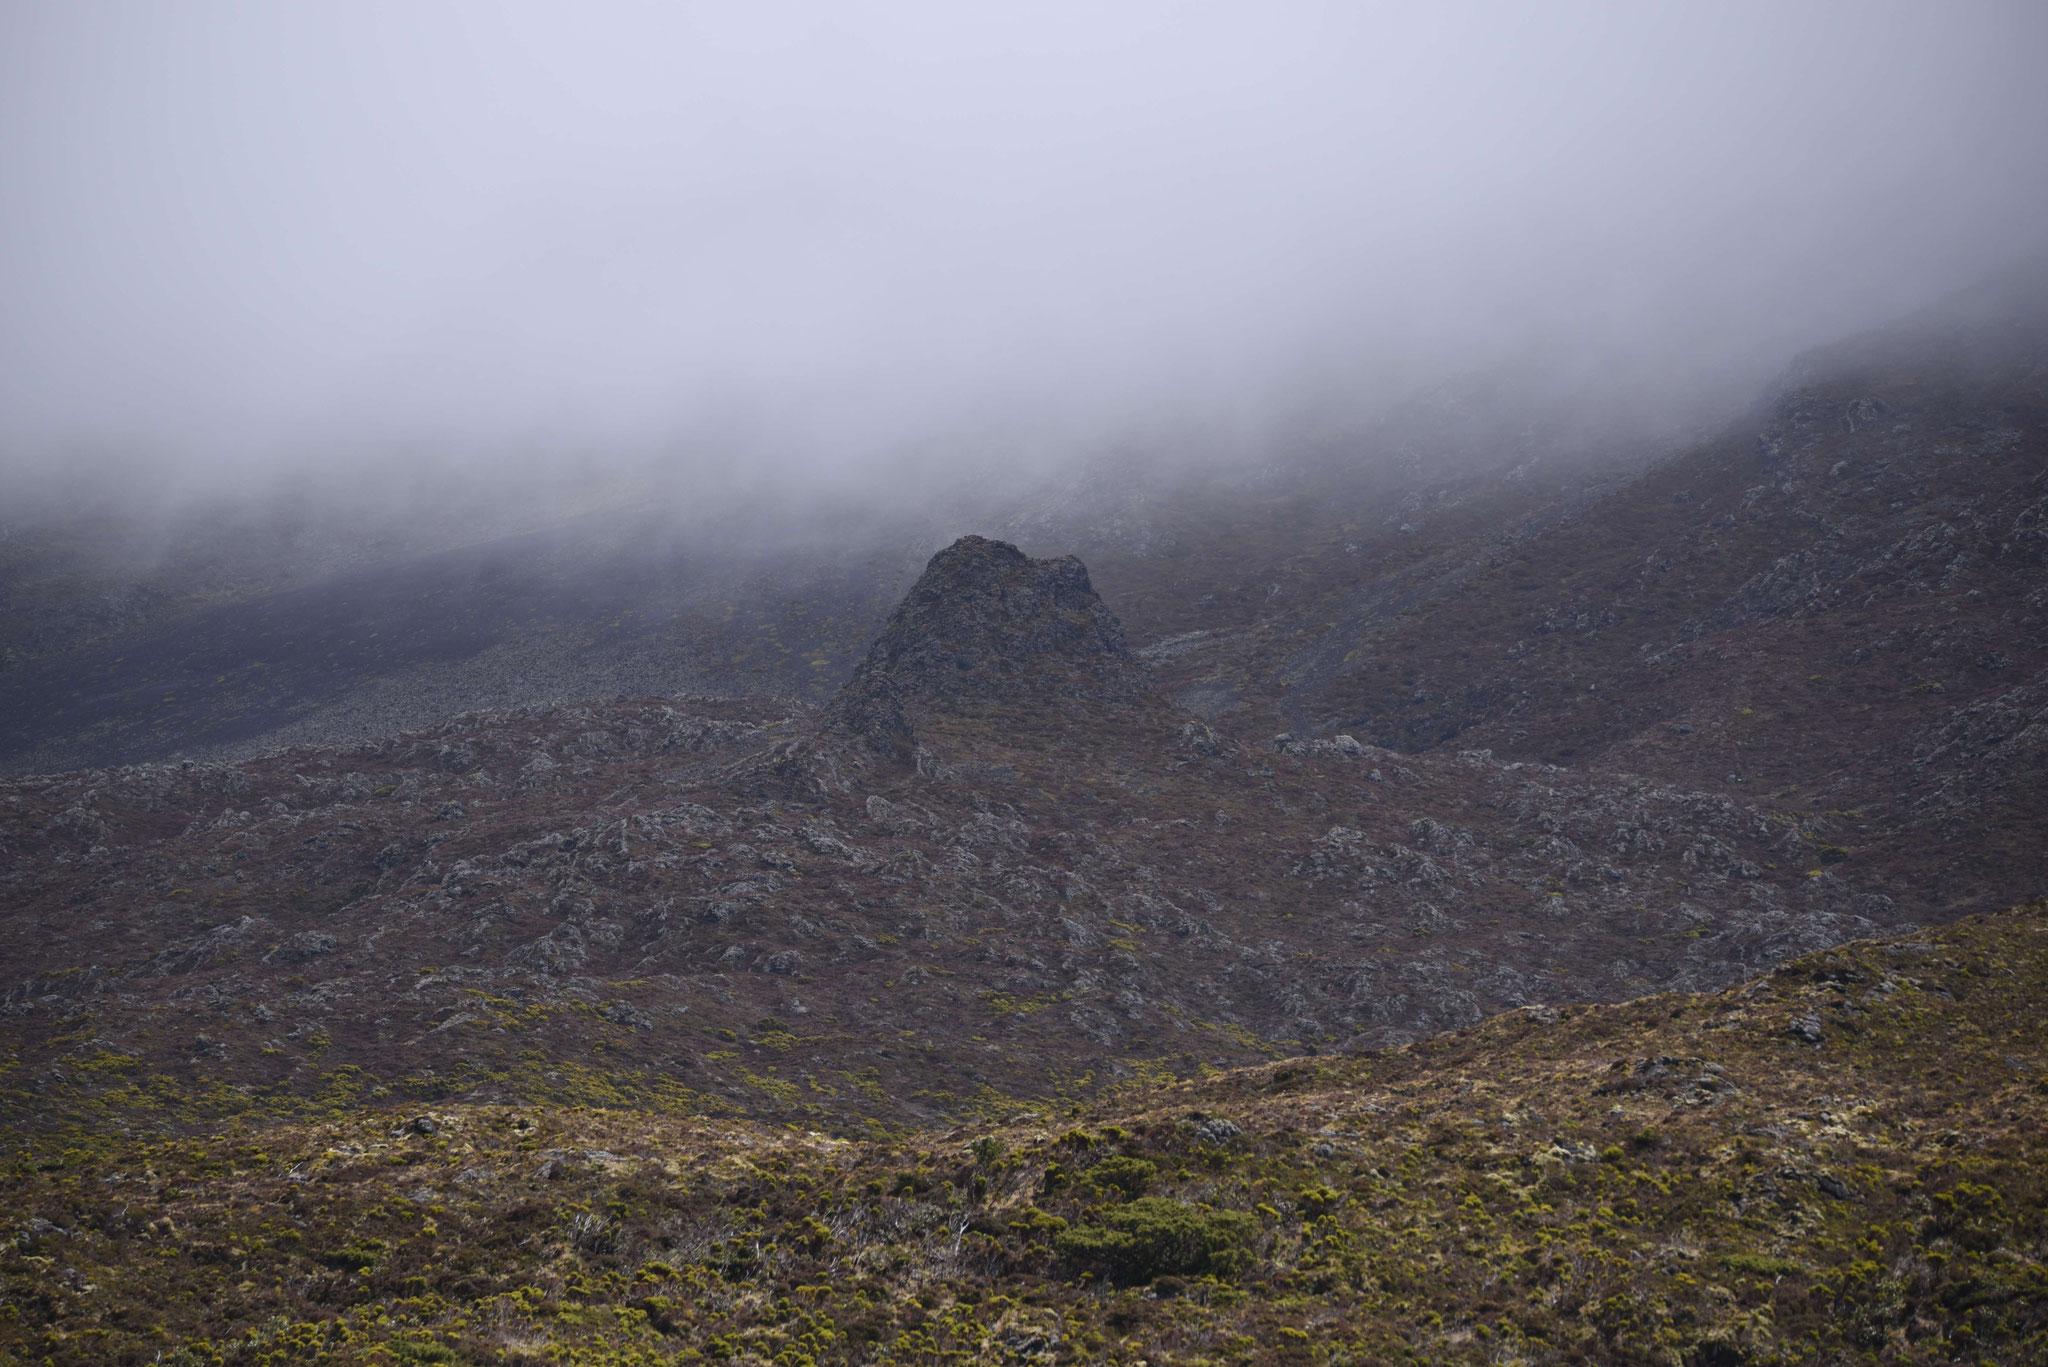 Schlechtwetterfront am Berg Pico